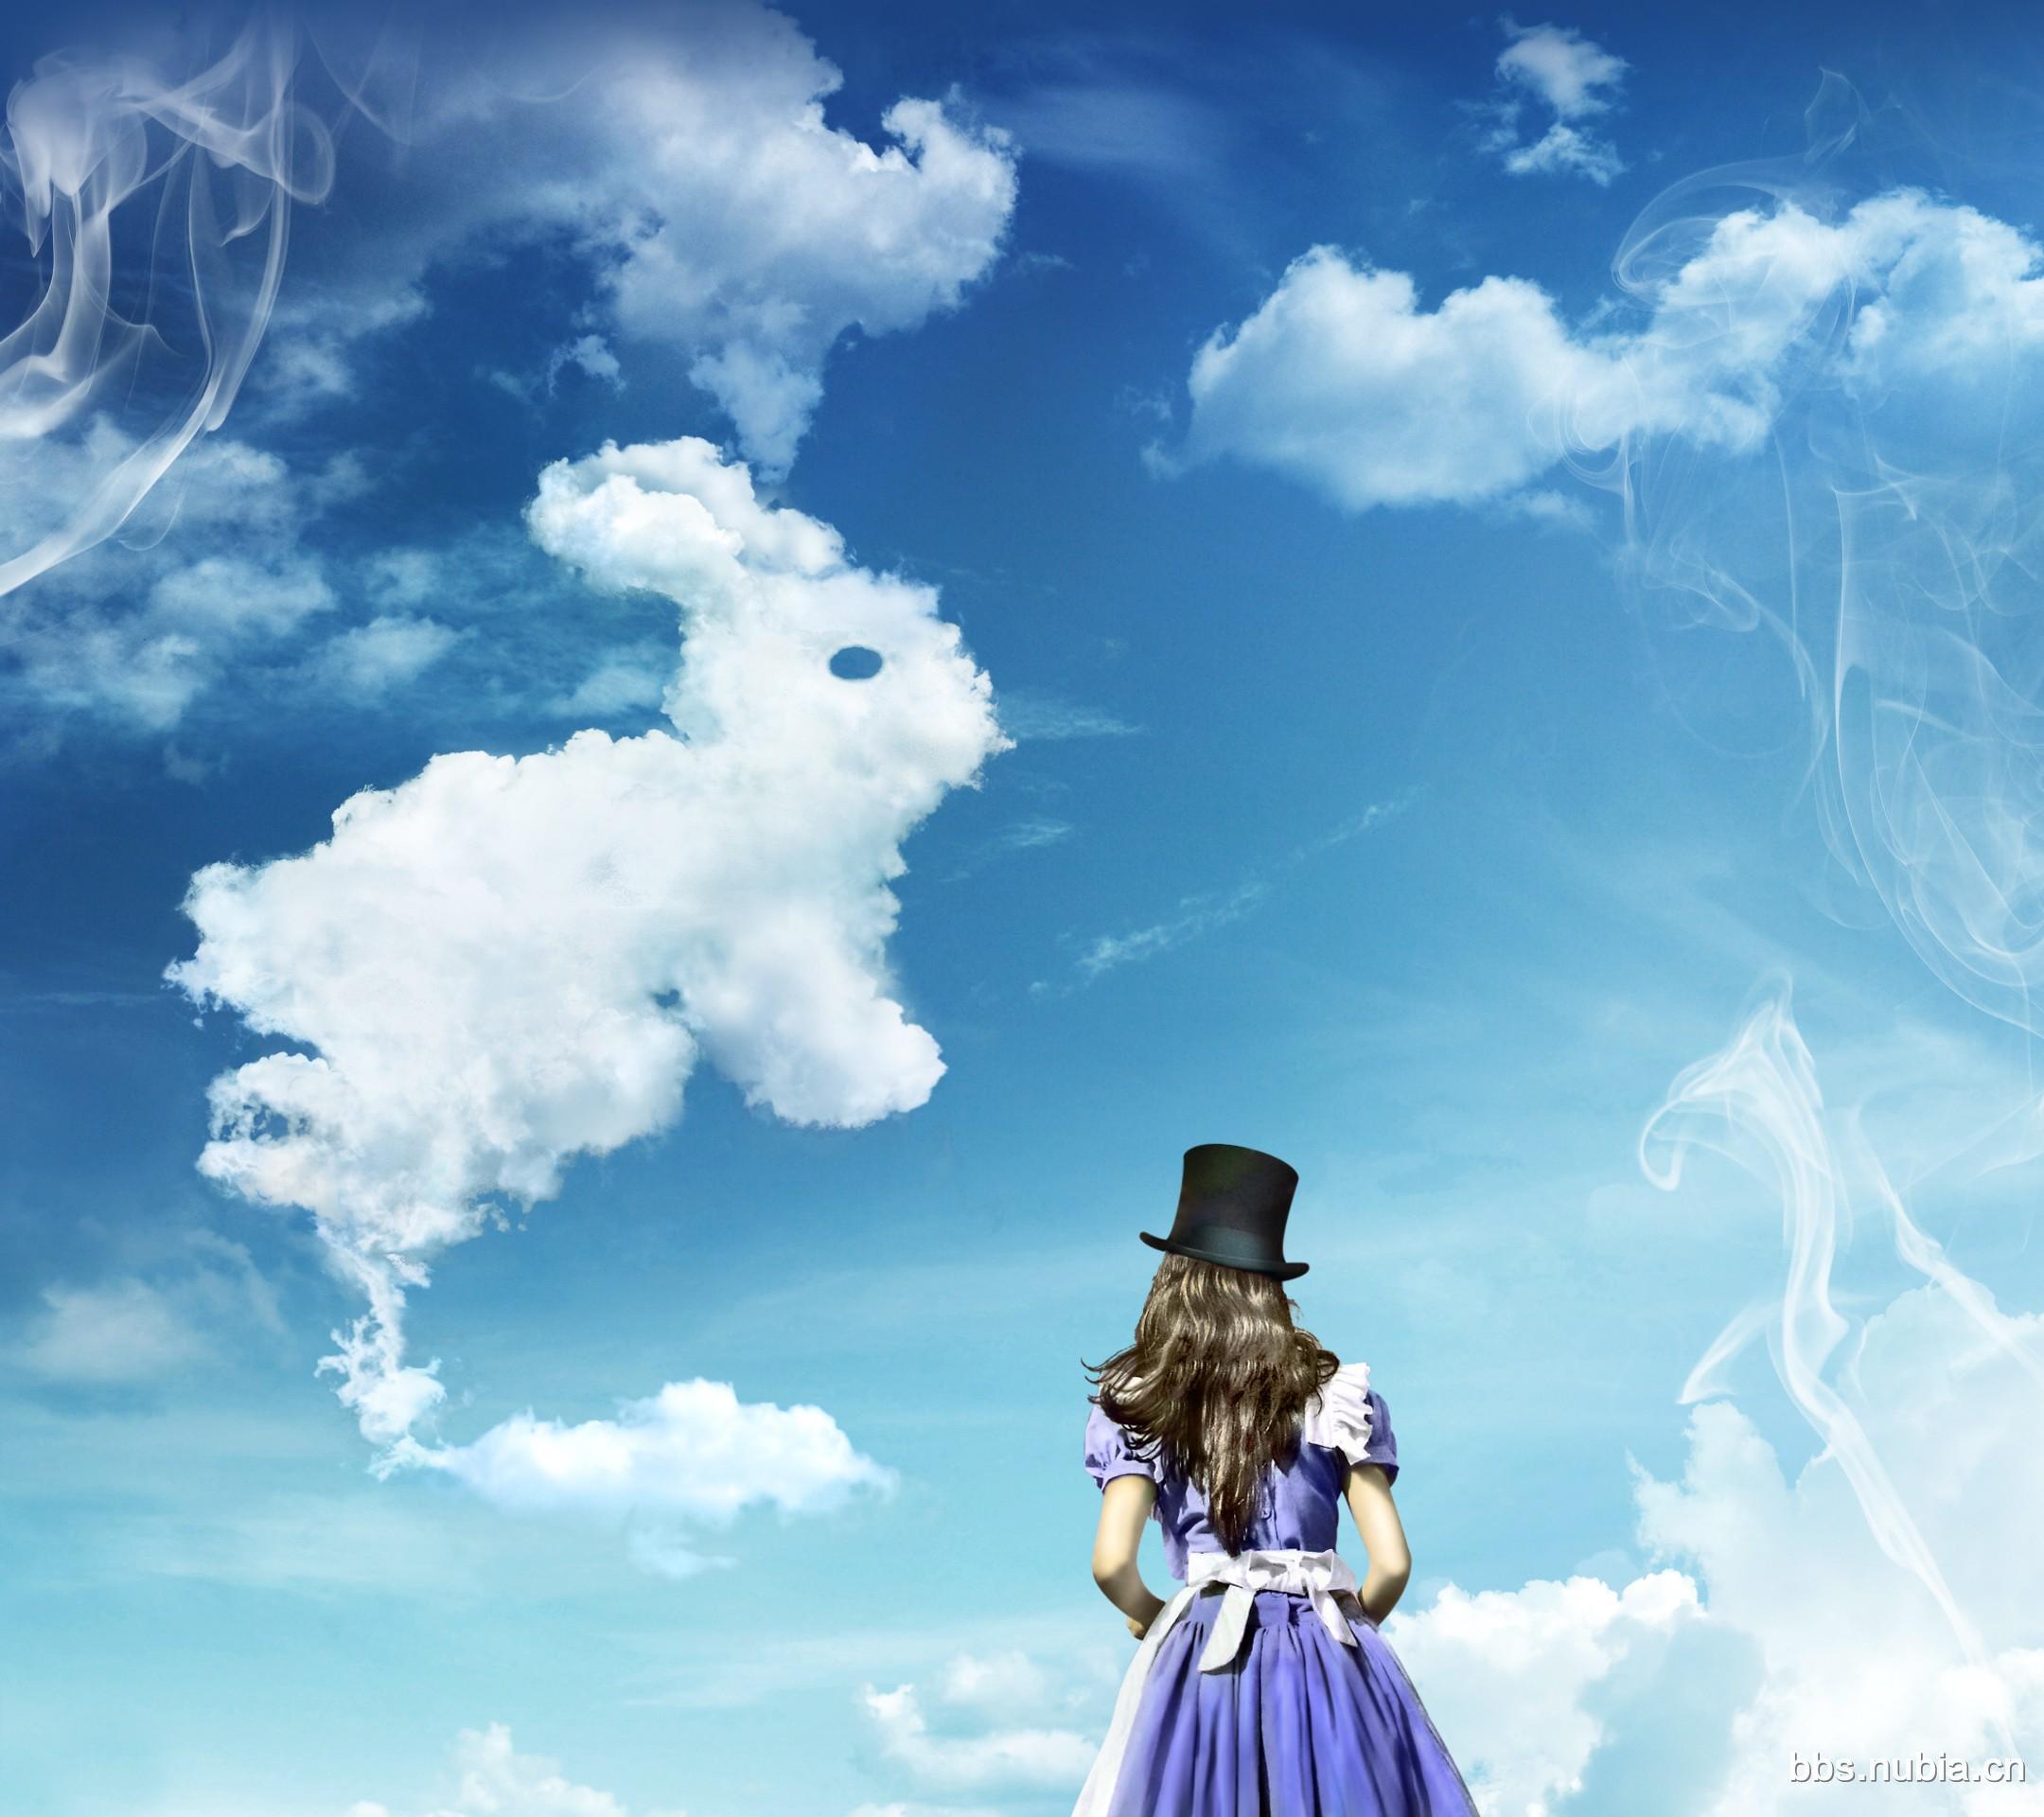 背景 壁纸 动漫 风景 卡通 漫画 天空 头像 桌面 2160_1920